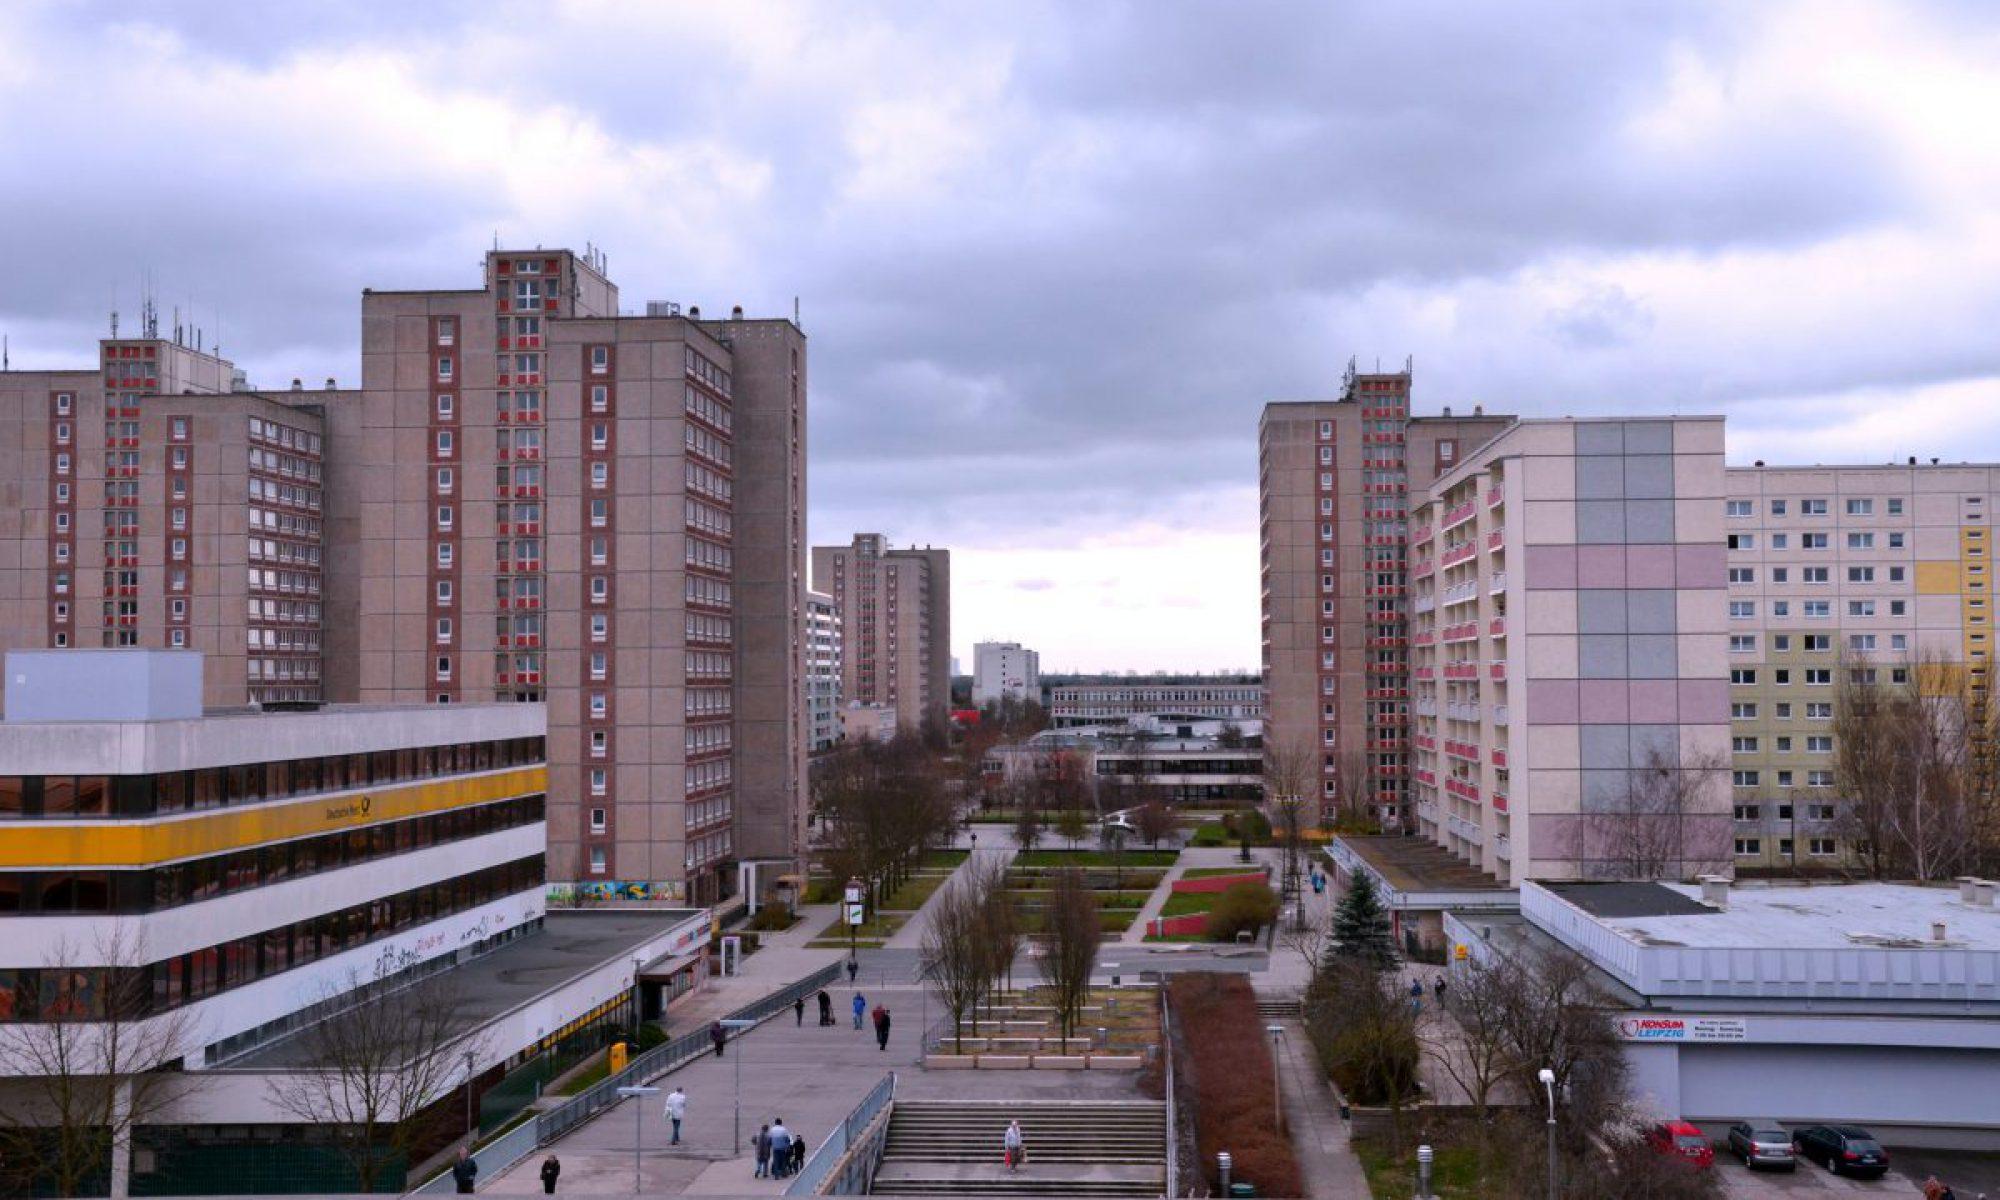 DKP Leipzig